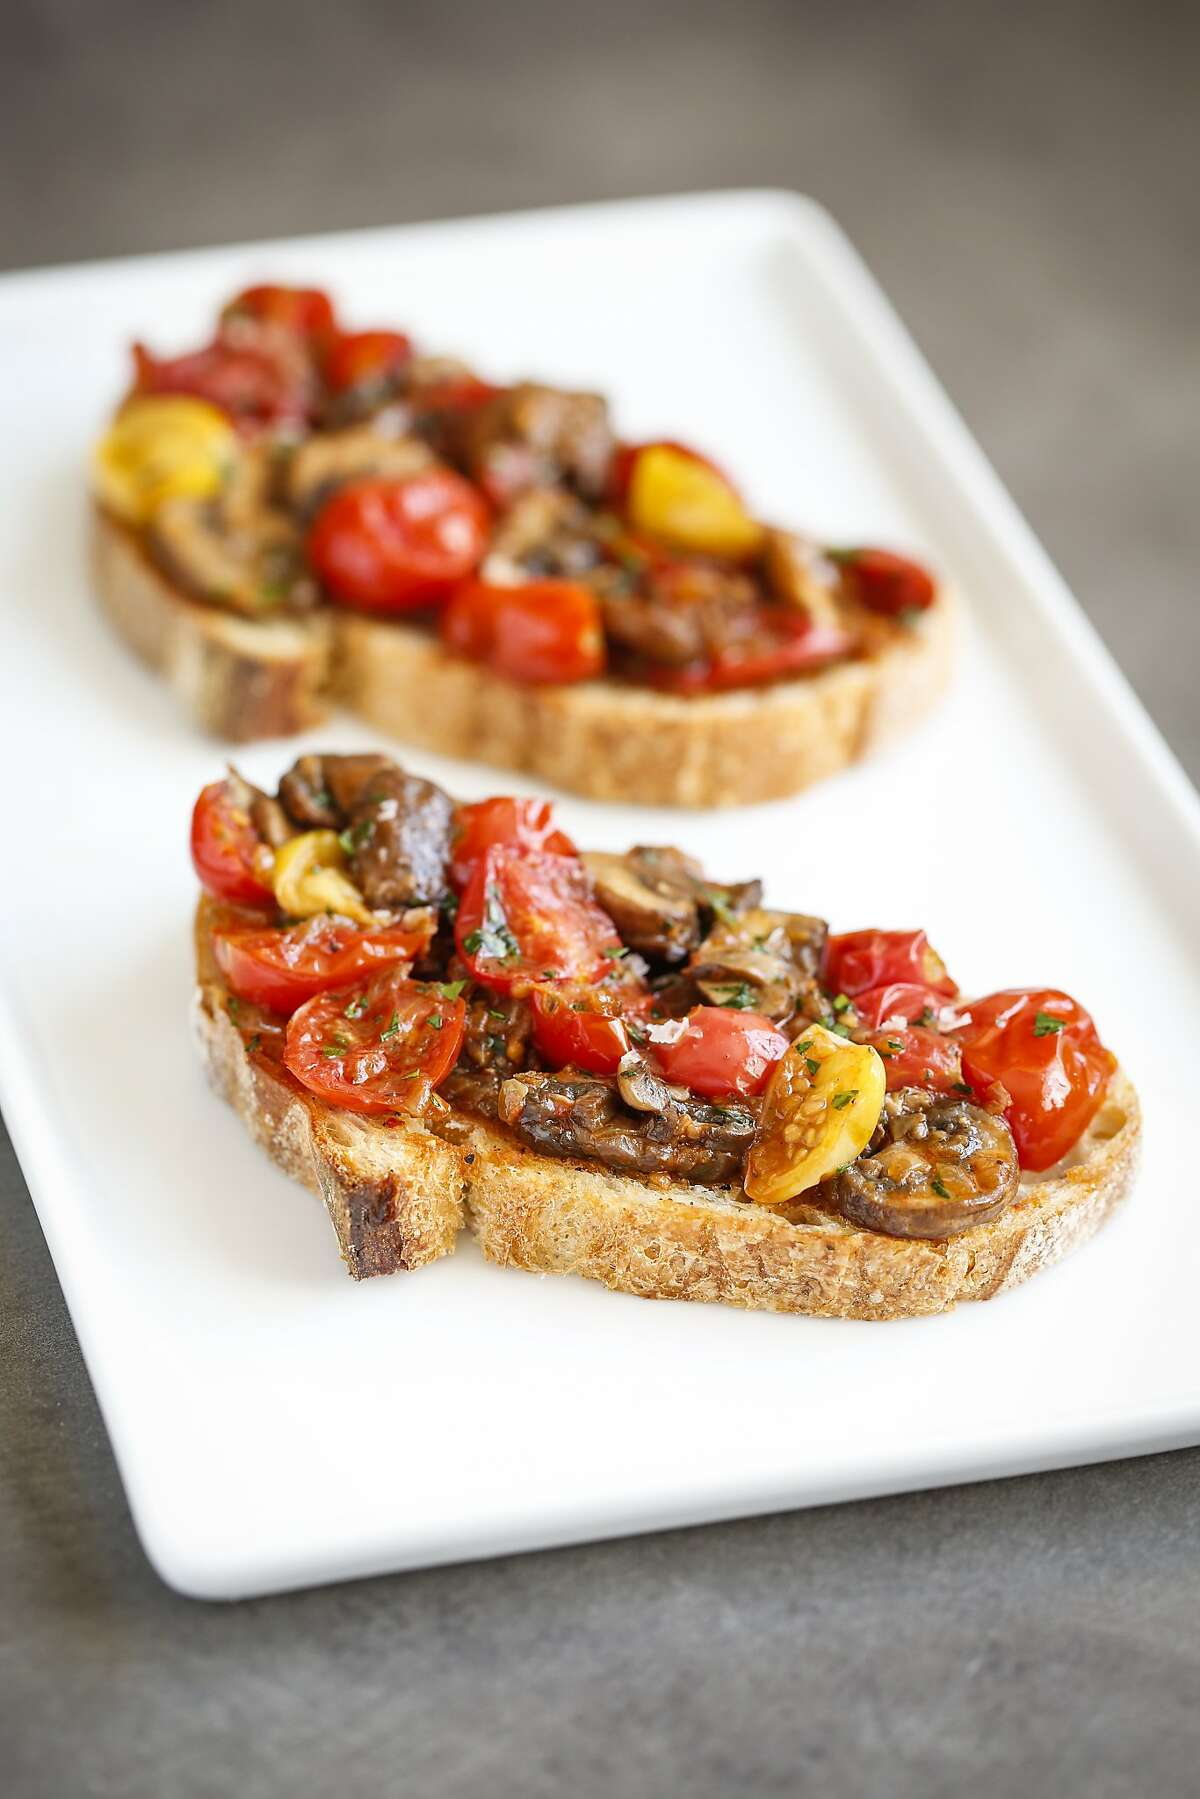 Cherry Tomato and Mushroom Bruschettas,